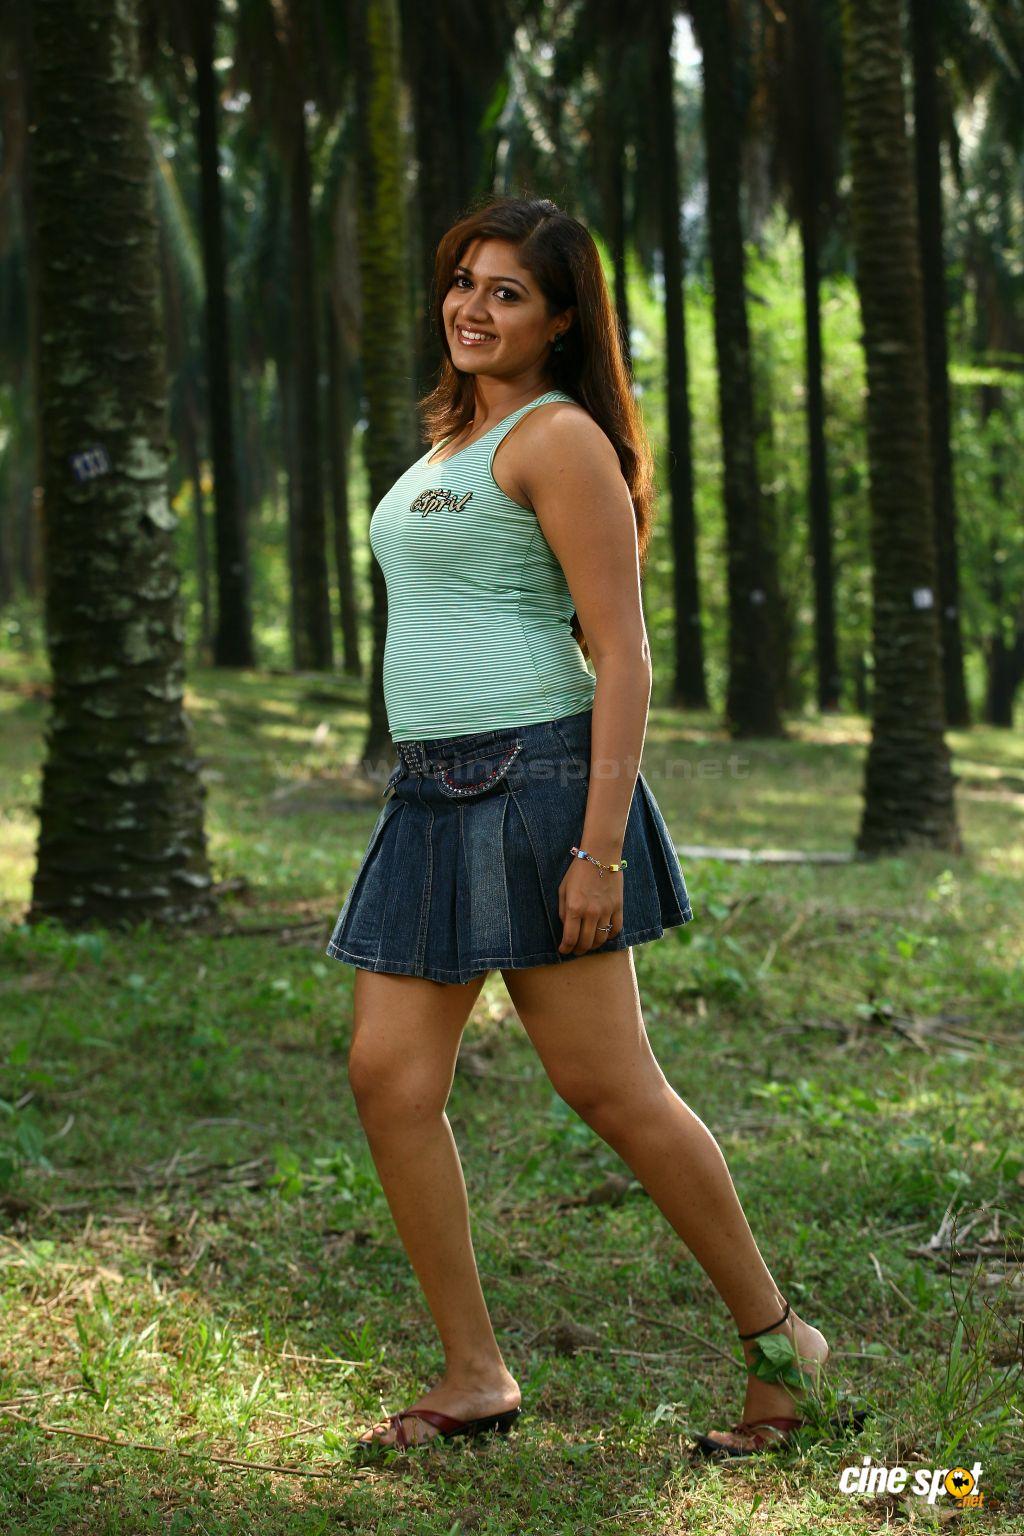 Actress Meghna Raj